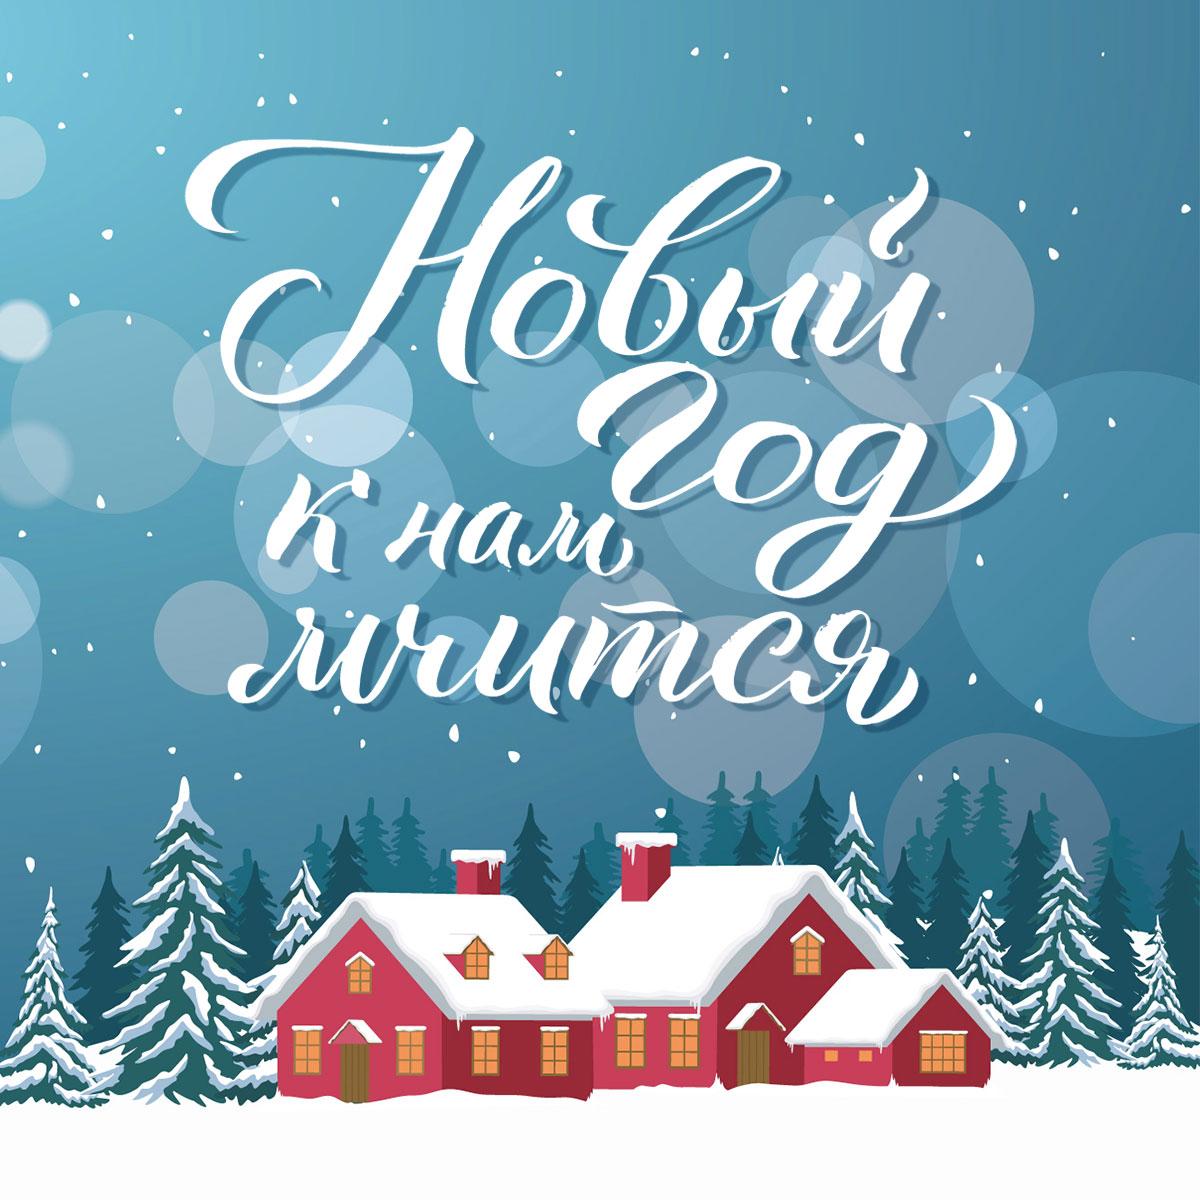 Картинка с текстом на новый год зима и снег на фоне ночного неба, ёлок и красных сельских домов со светом во всех окнах.